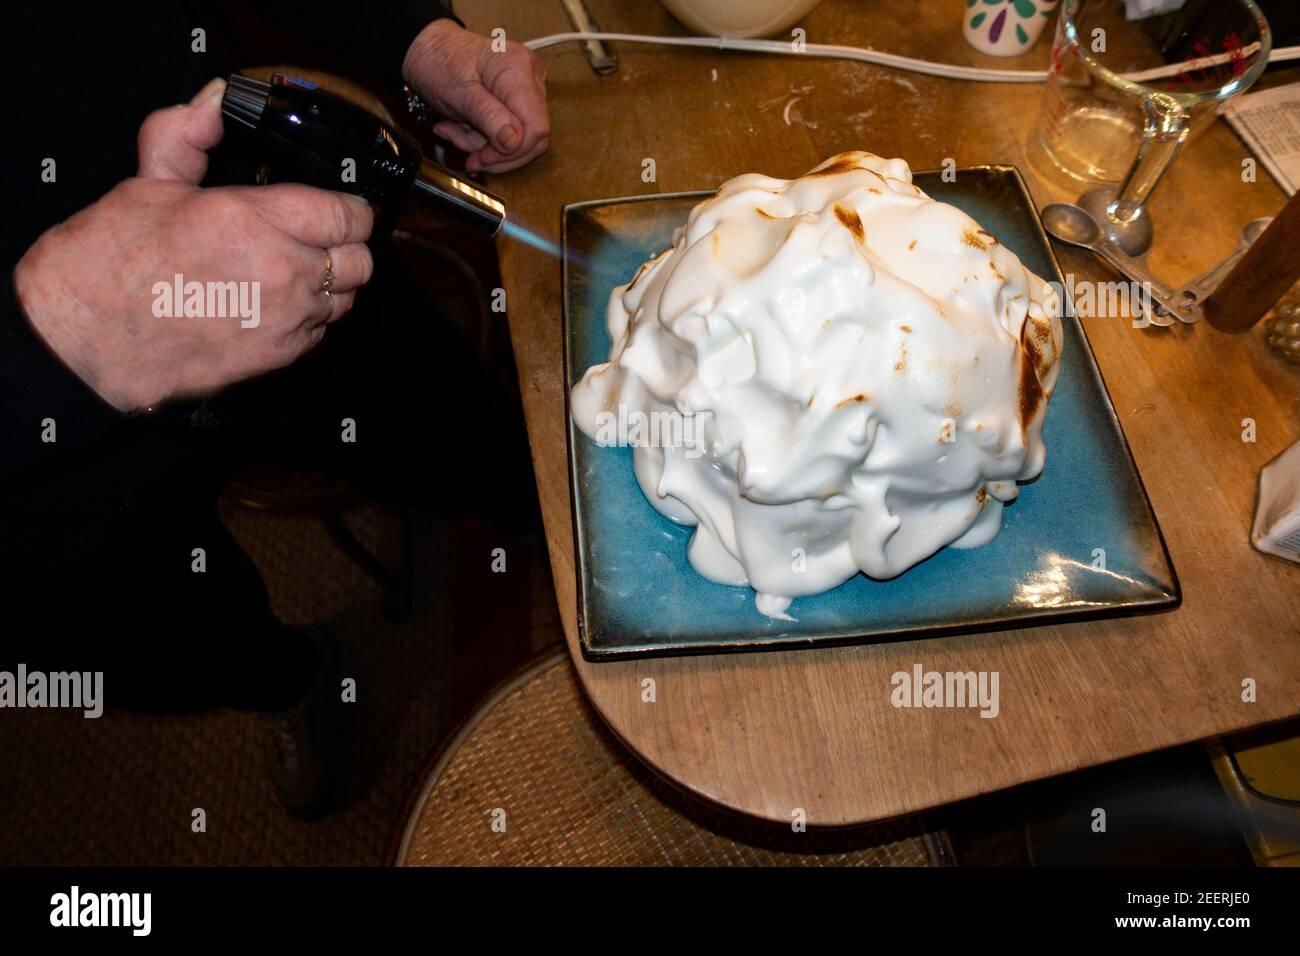 Mujer usando una antorcha de cocina para pulir el merengue en una Alaska al horno. St Paul Minnesota MN EE.UU Foto de stock